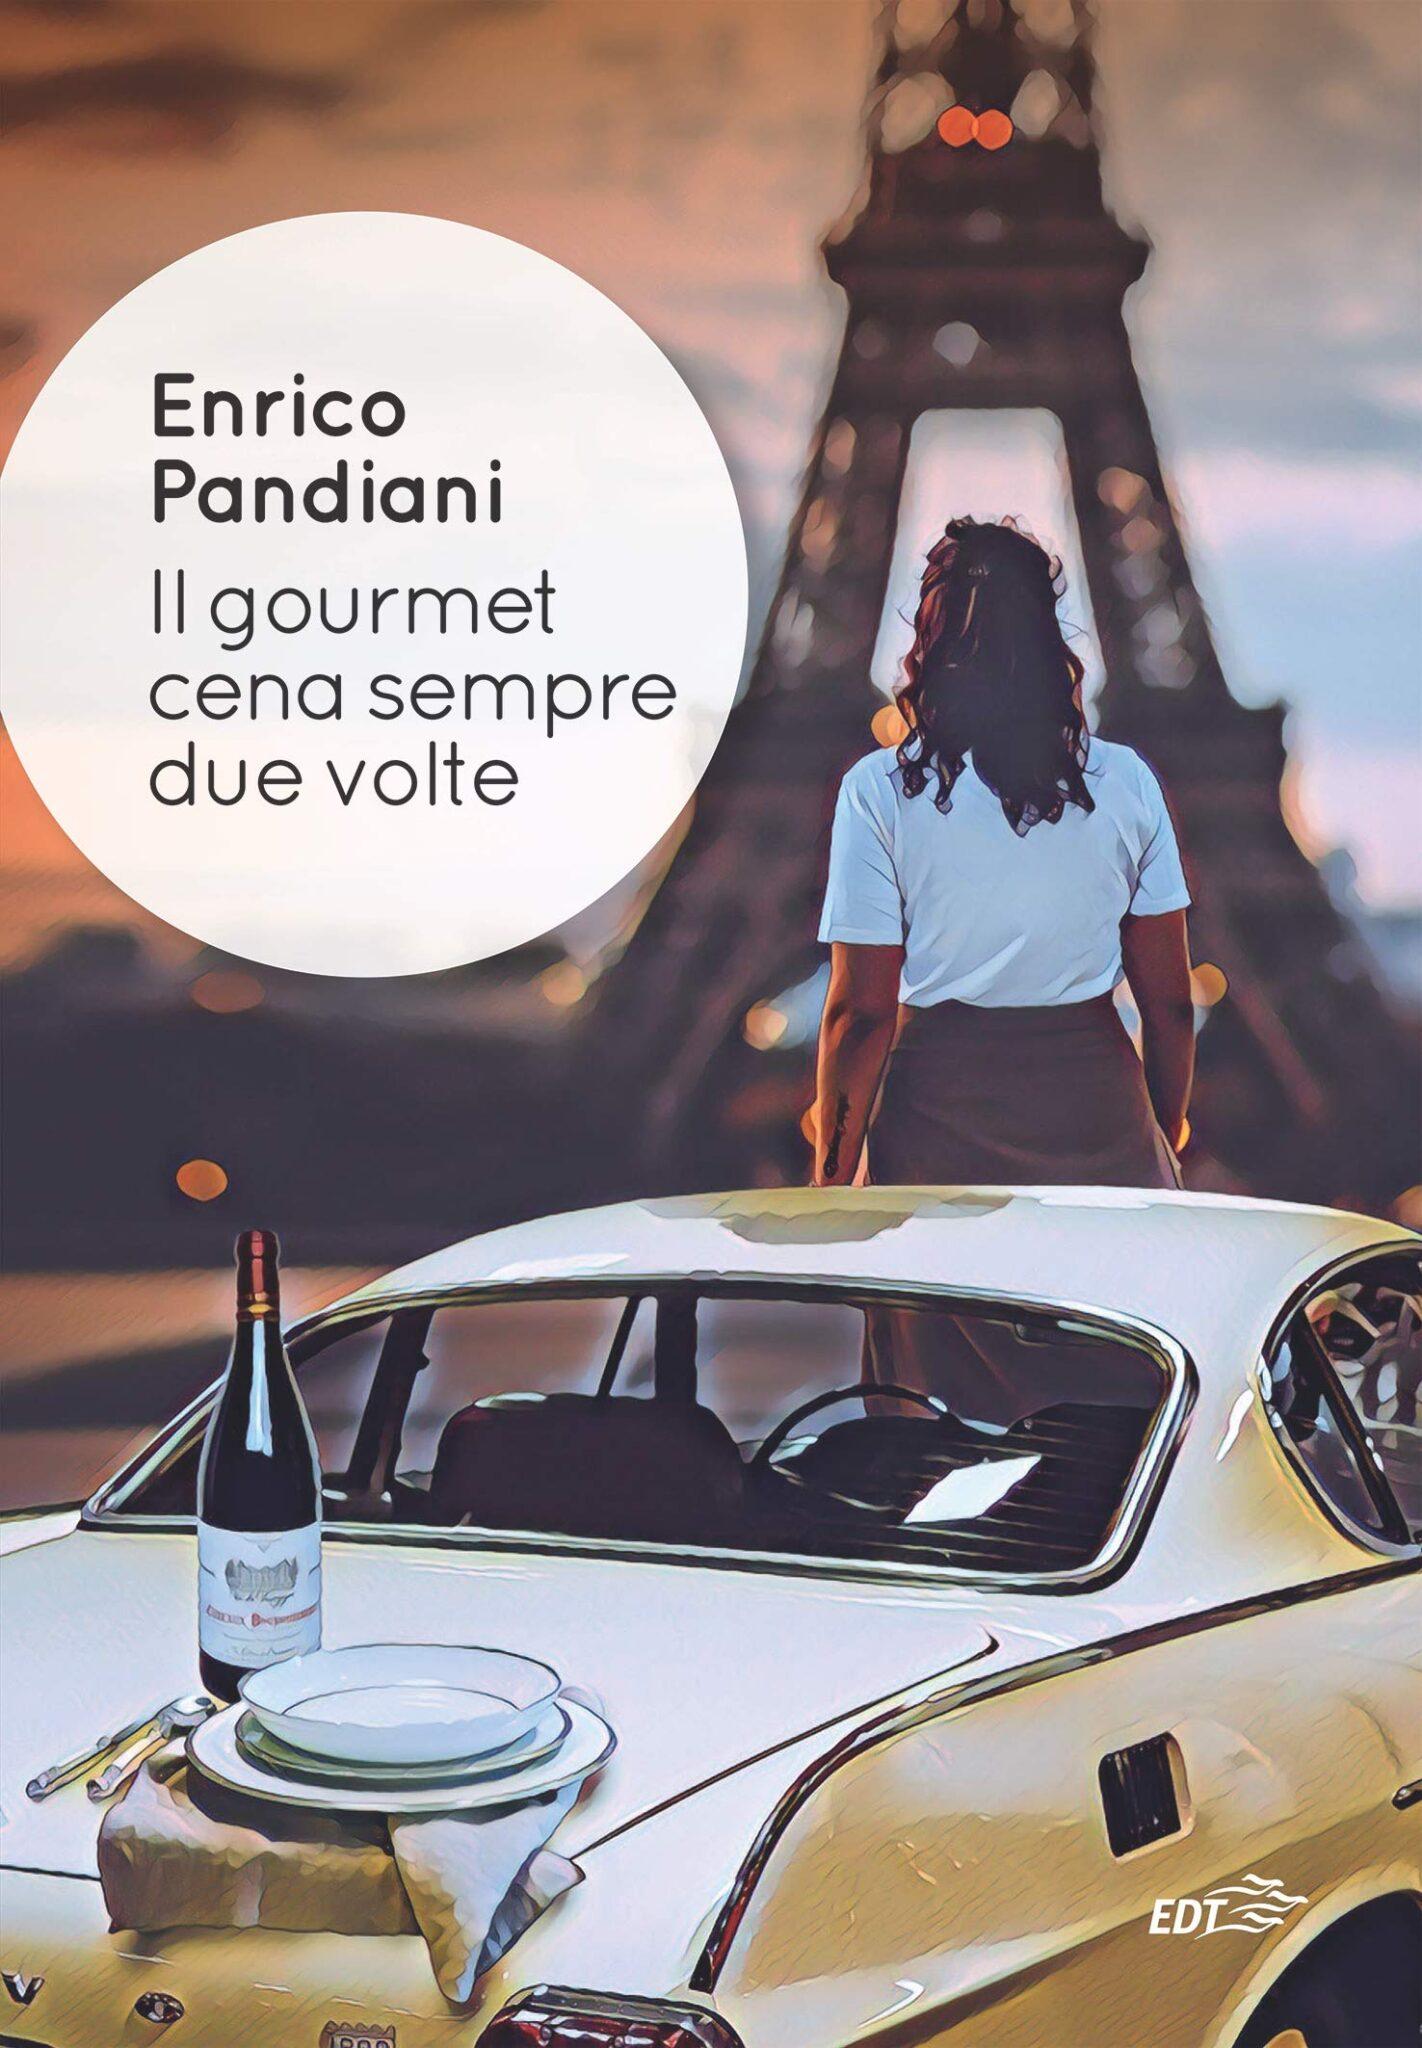 Recensione di Il Gourmet Cena Sempre Due Volte – Enrico Pandiani